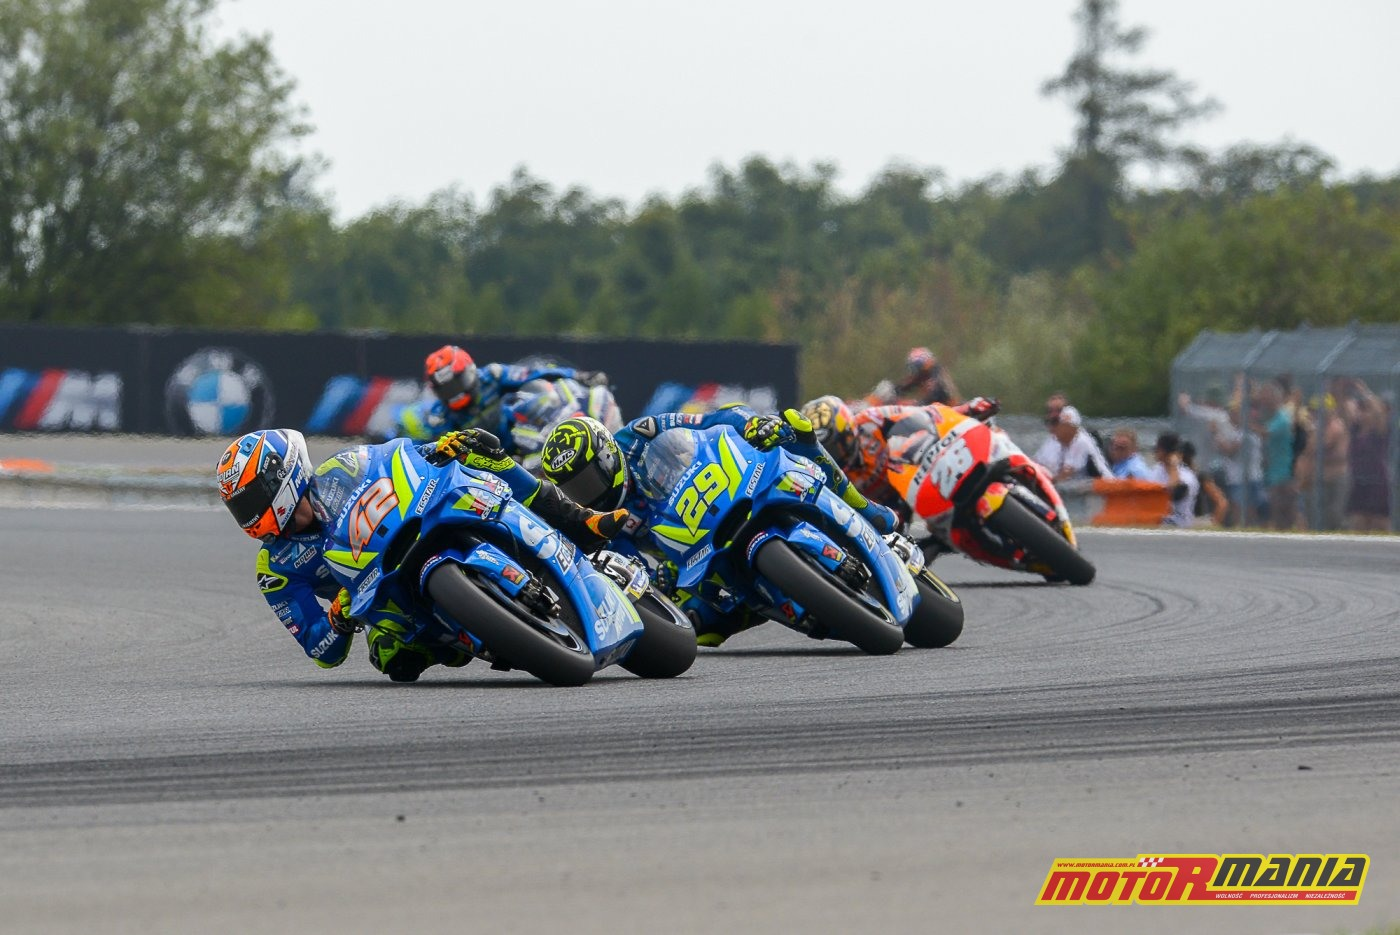 Wyścig MotoGP Brno 2018 - fot Waldek Walerczuk (24)